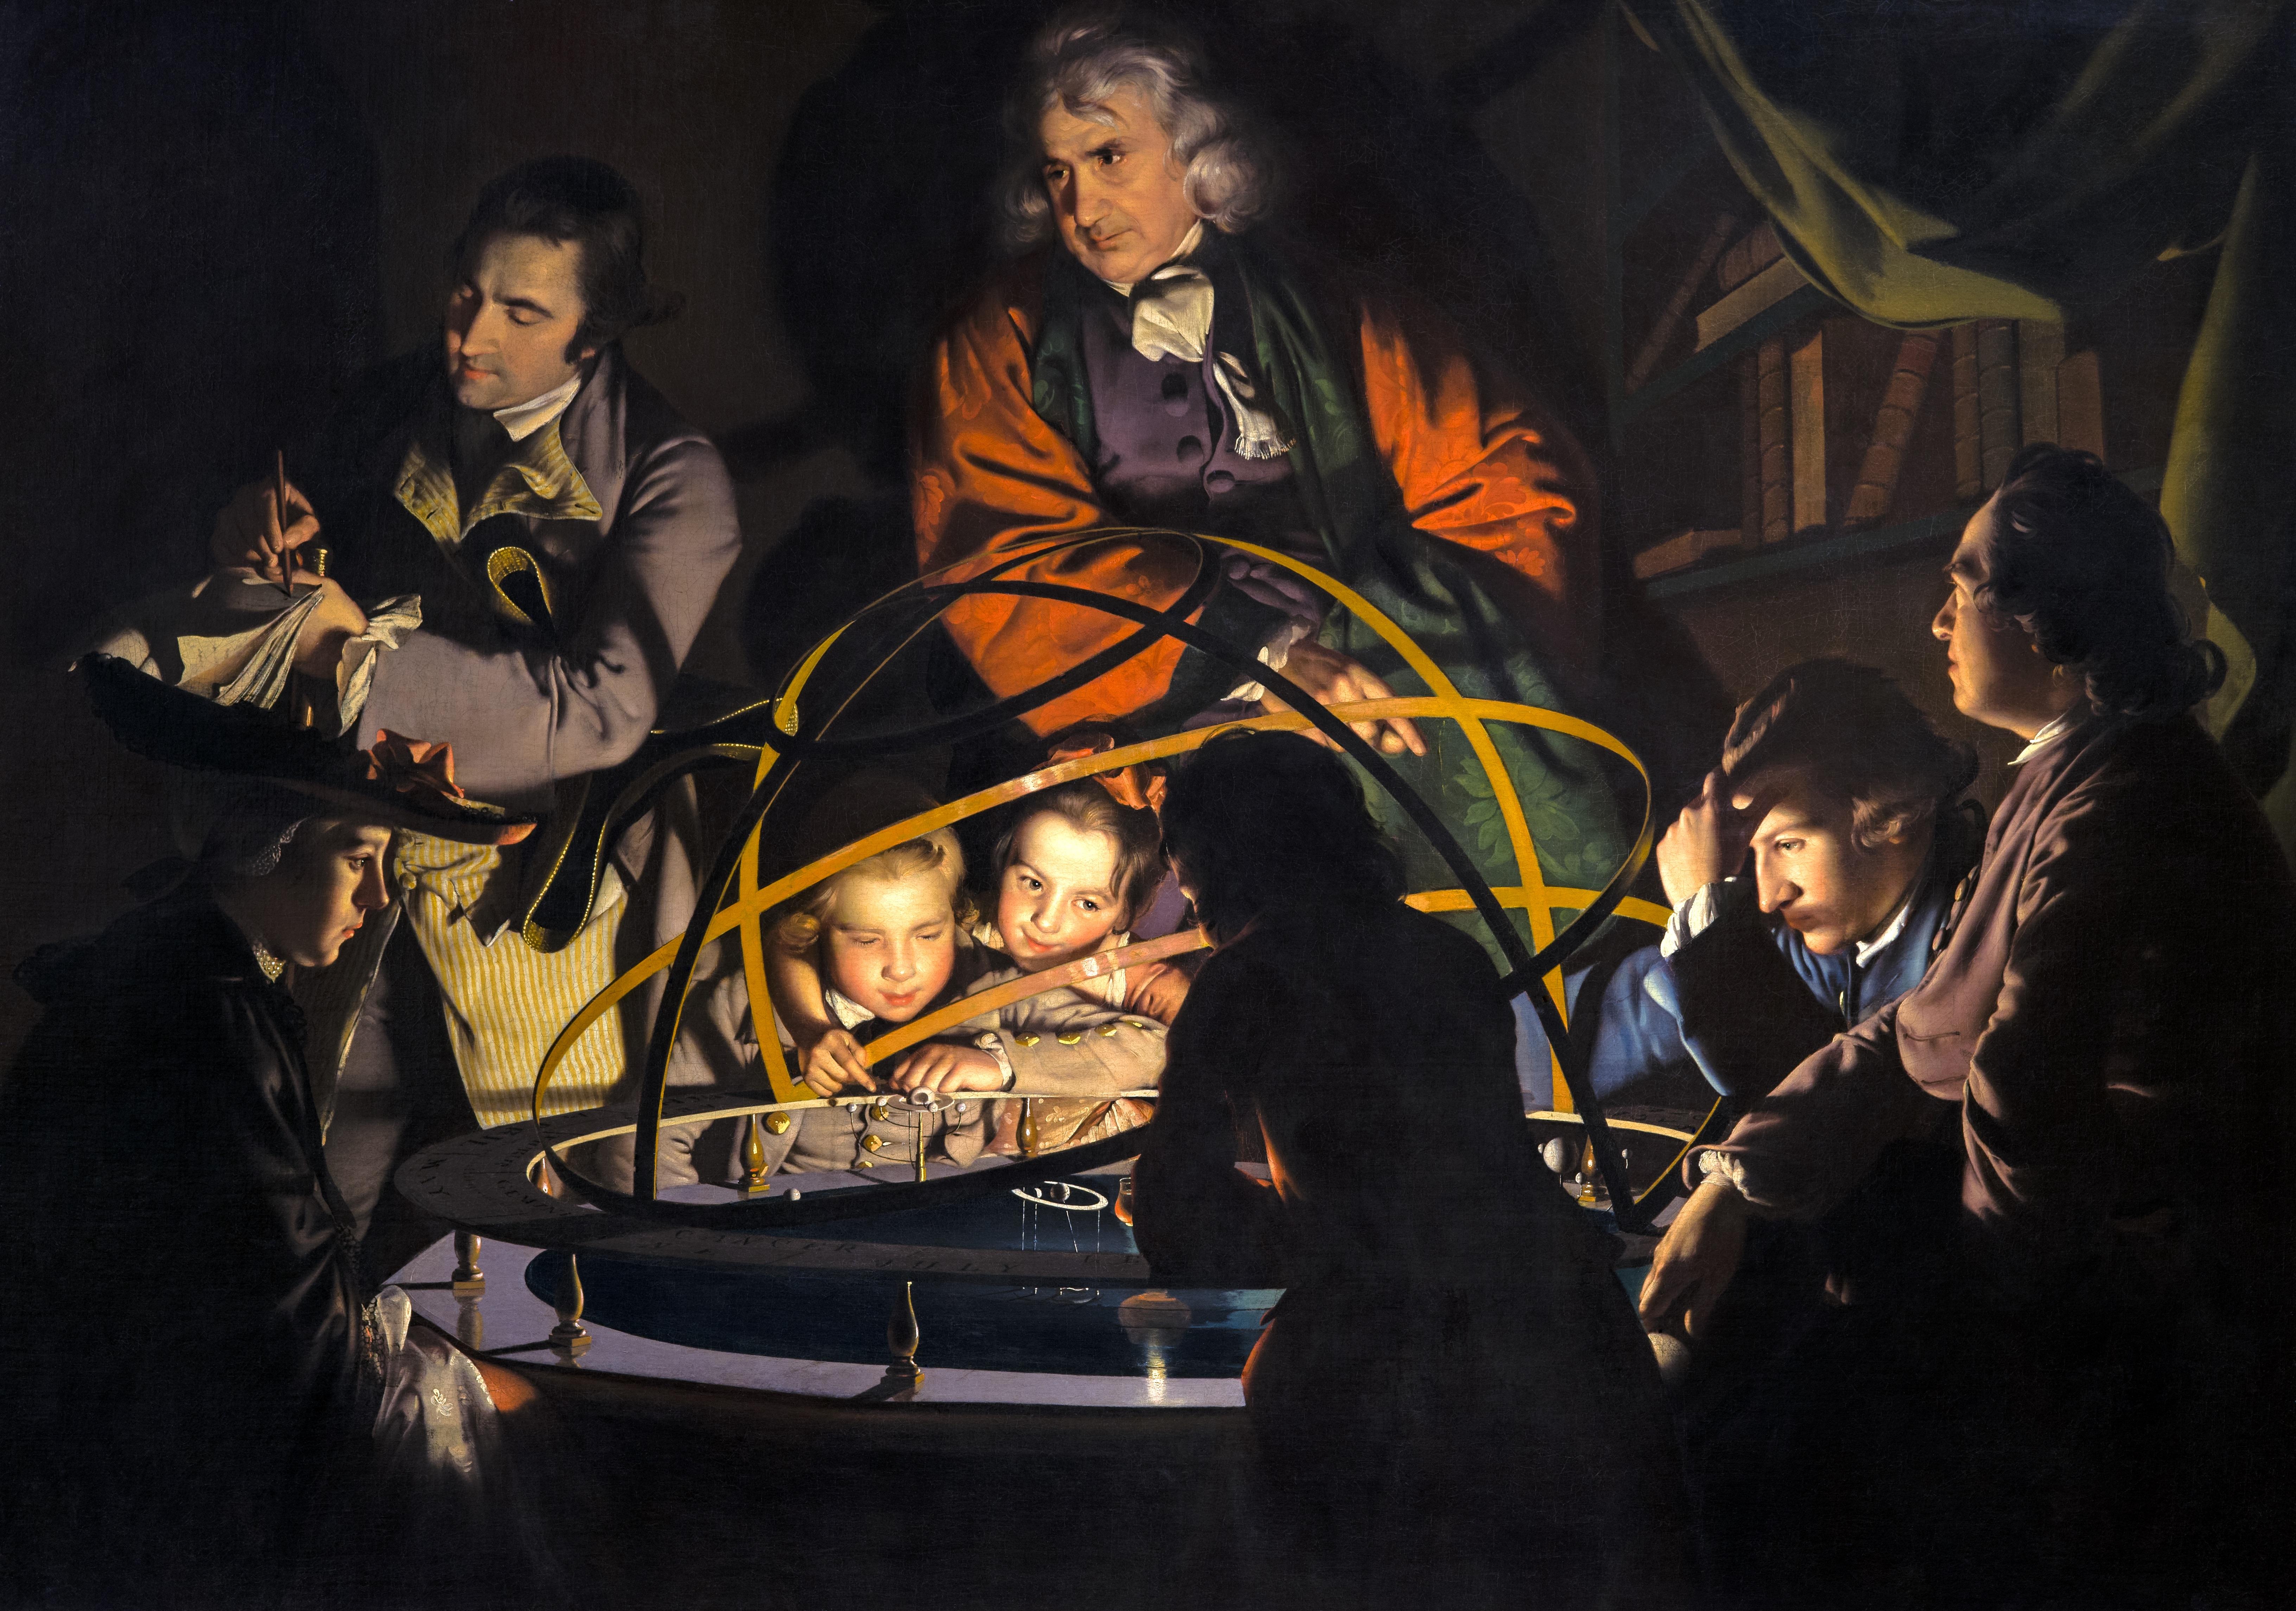 Джозеф Райт из Дерби. «Философ, объясняющий модель Солнечной системы, в которой лампа замещает Солнце». 1744-1766. Масло, холст. 147,3х203,2 см. Музей и художественная галерея Дерби.